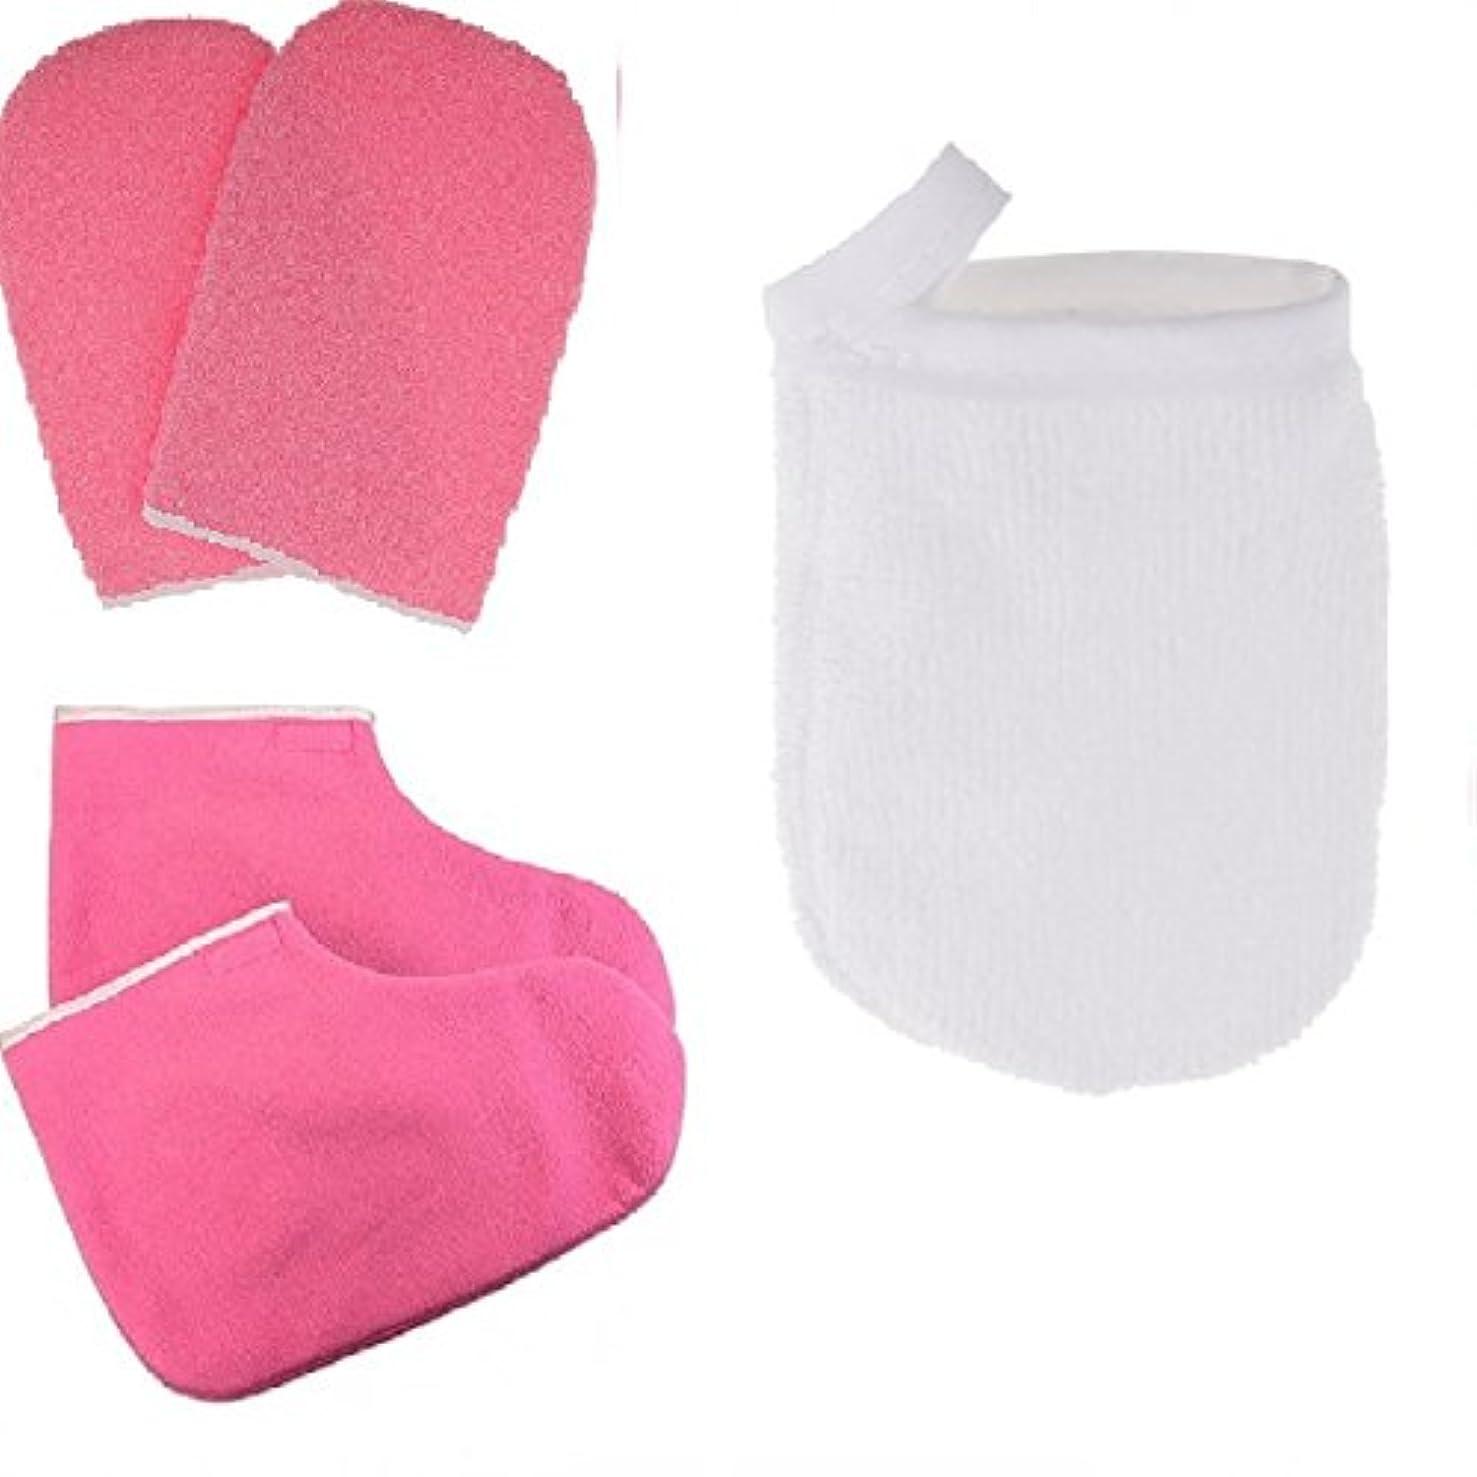 賛美歌承認する定期的CUTICATE パラフィン蝋手袋およびブーティのスキンケアが付いている表面構造の清潔になる手袋